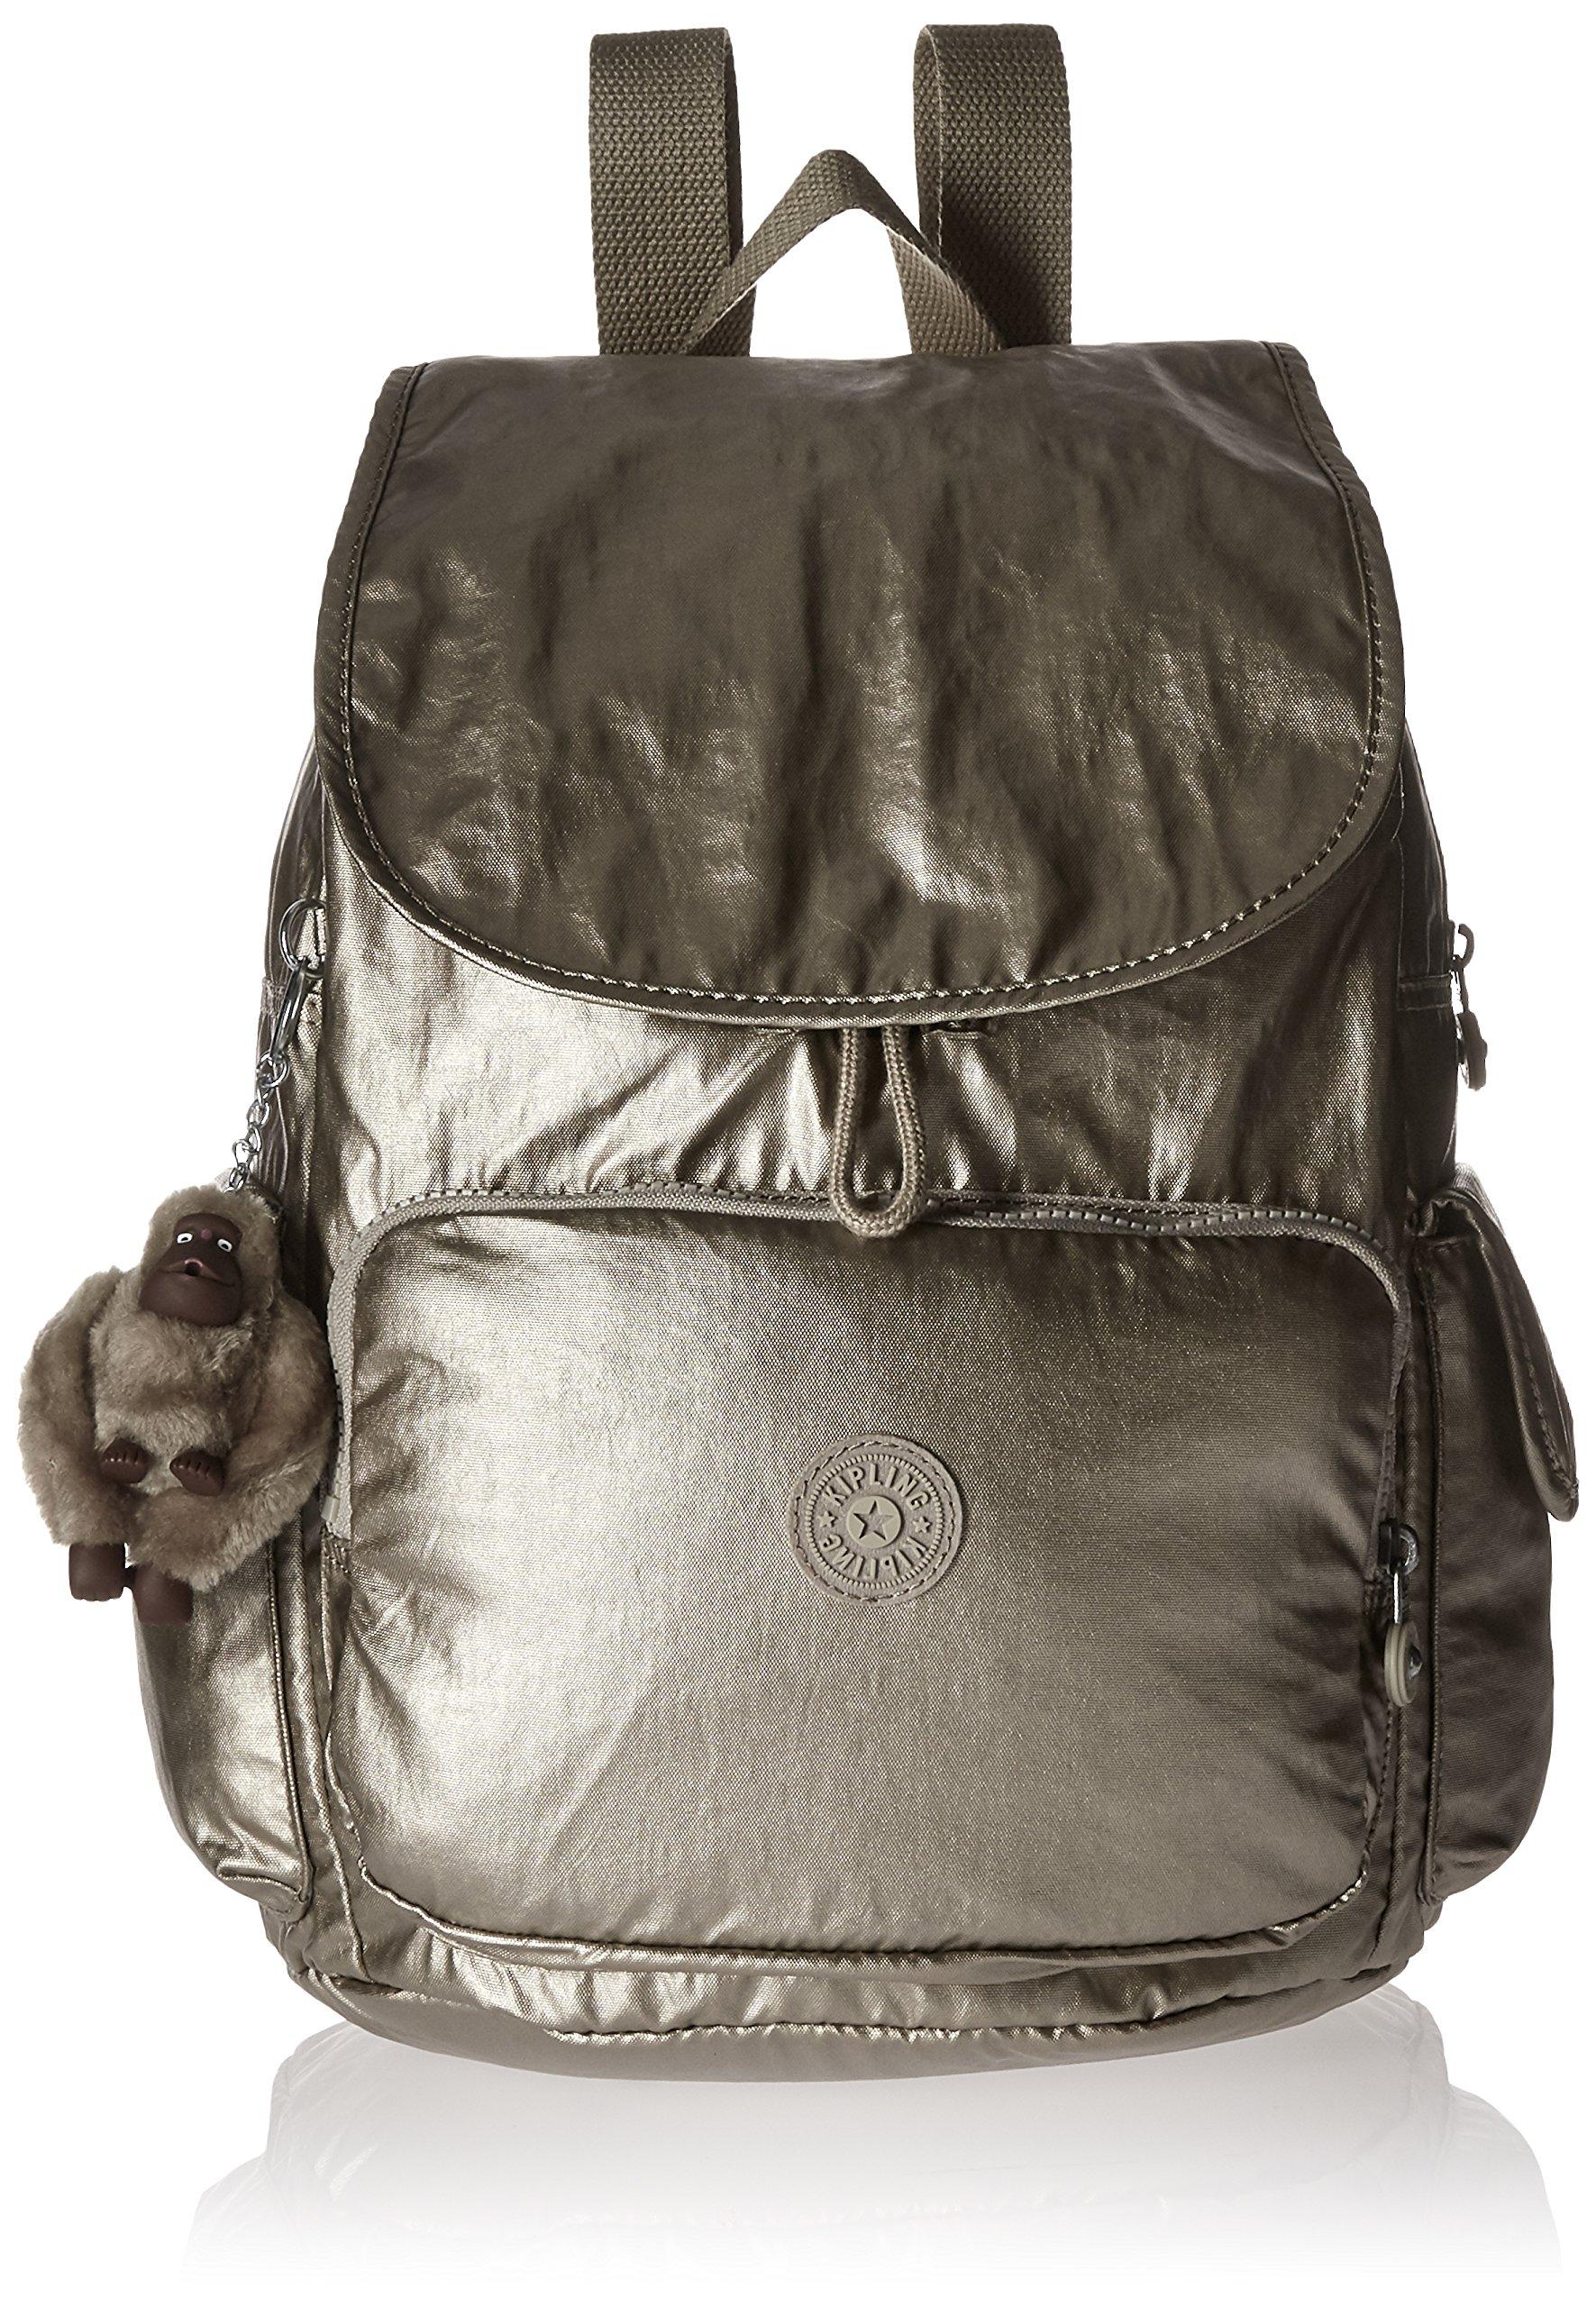 Kipling Women's Ravier Medium Solid Backpack, Champagne Metallic by Kipling